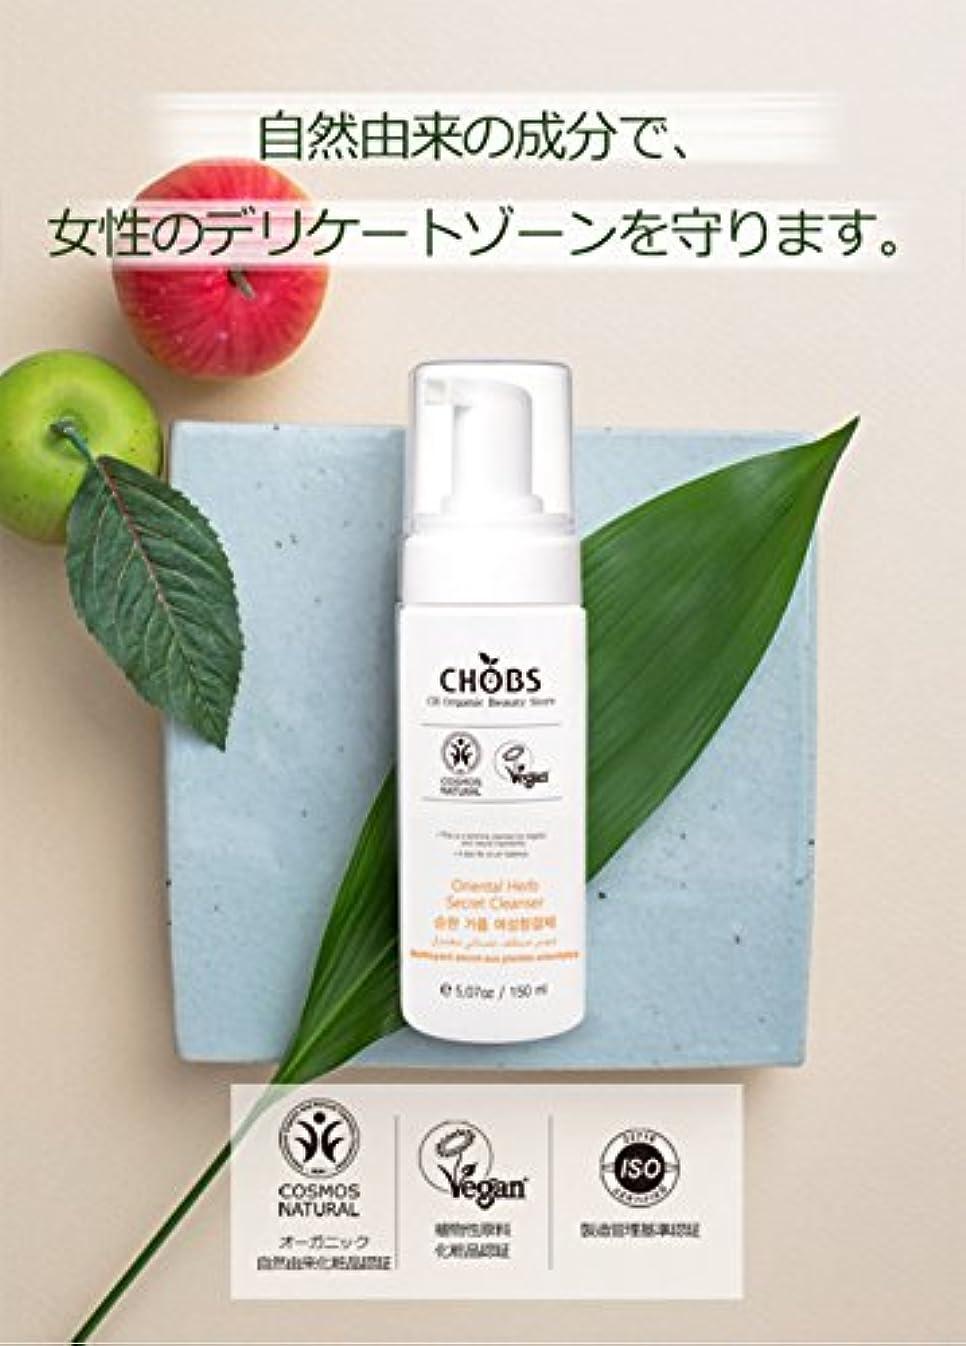 折孤独なからオーガニック清潔ケアクレンザー 天然化粧品 韓国コスメ 低刺激